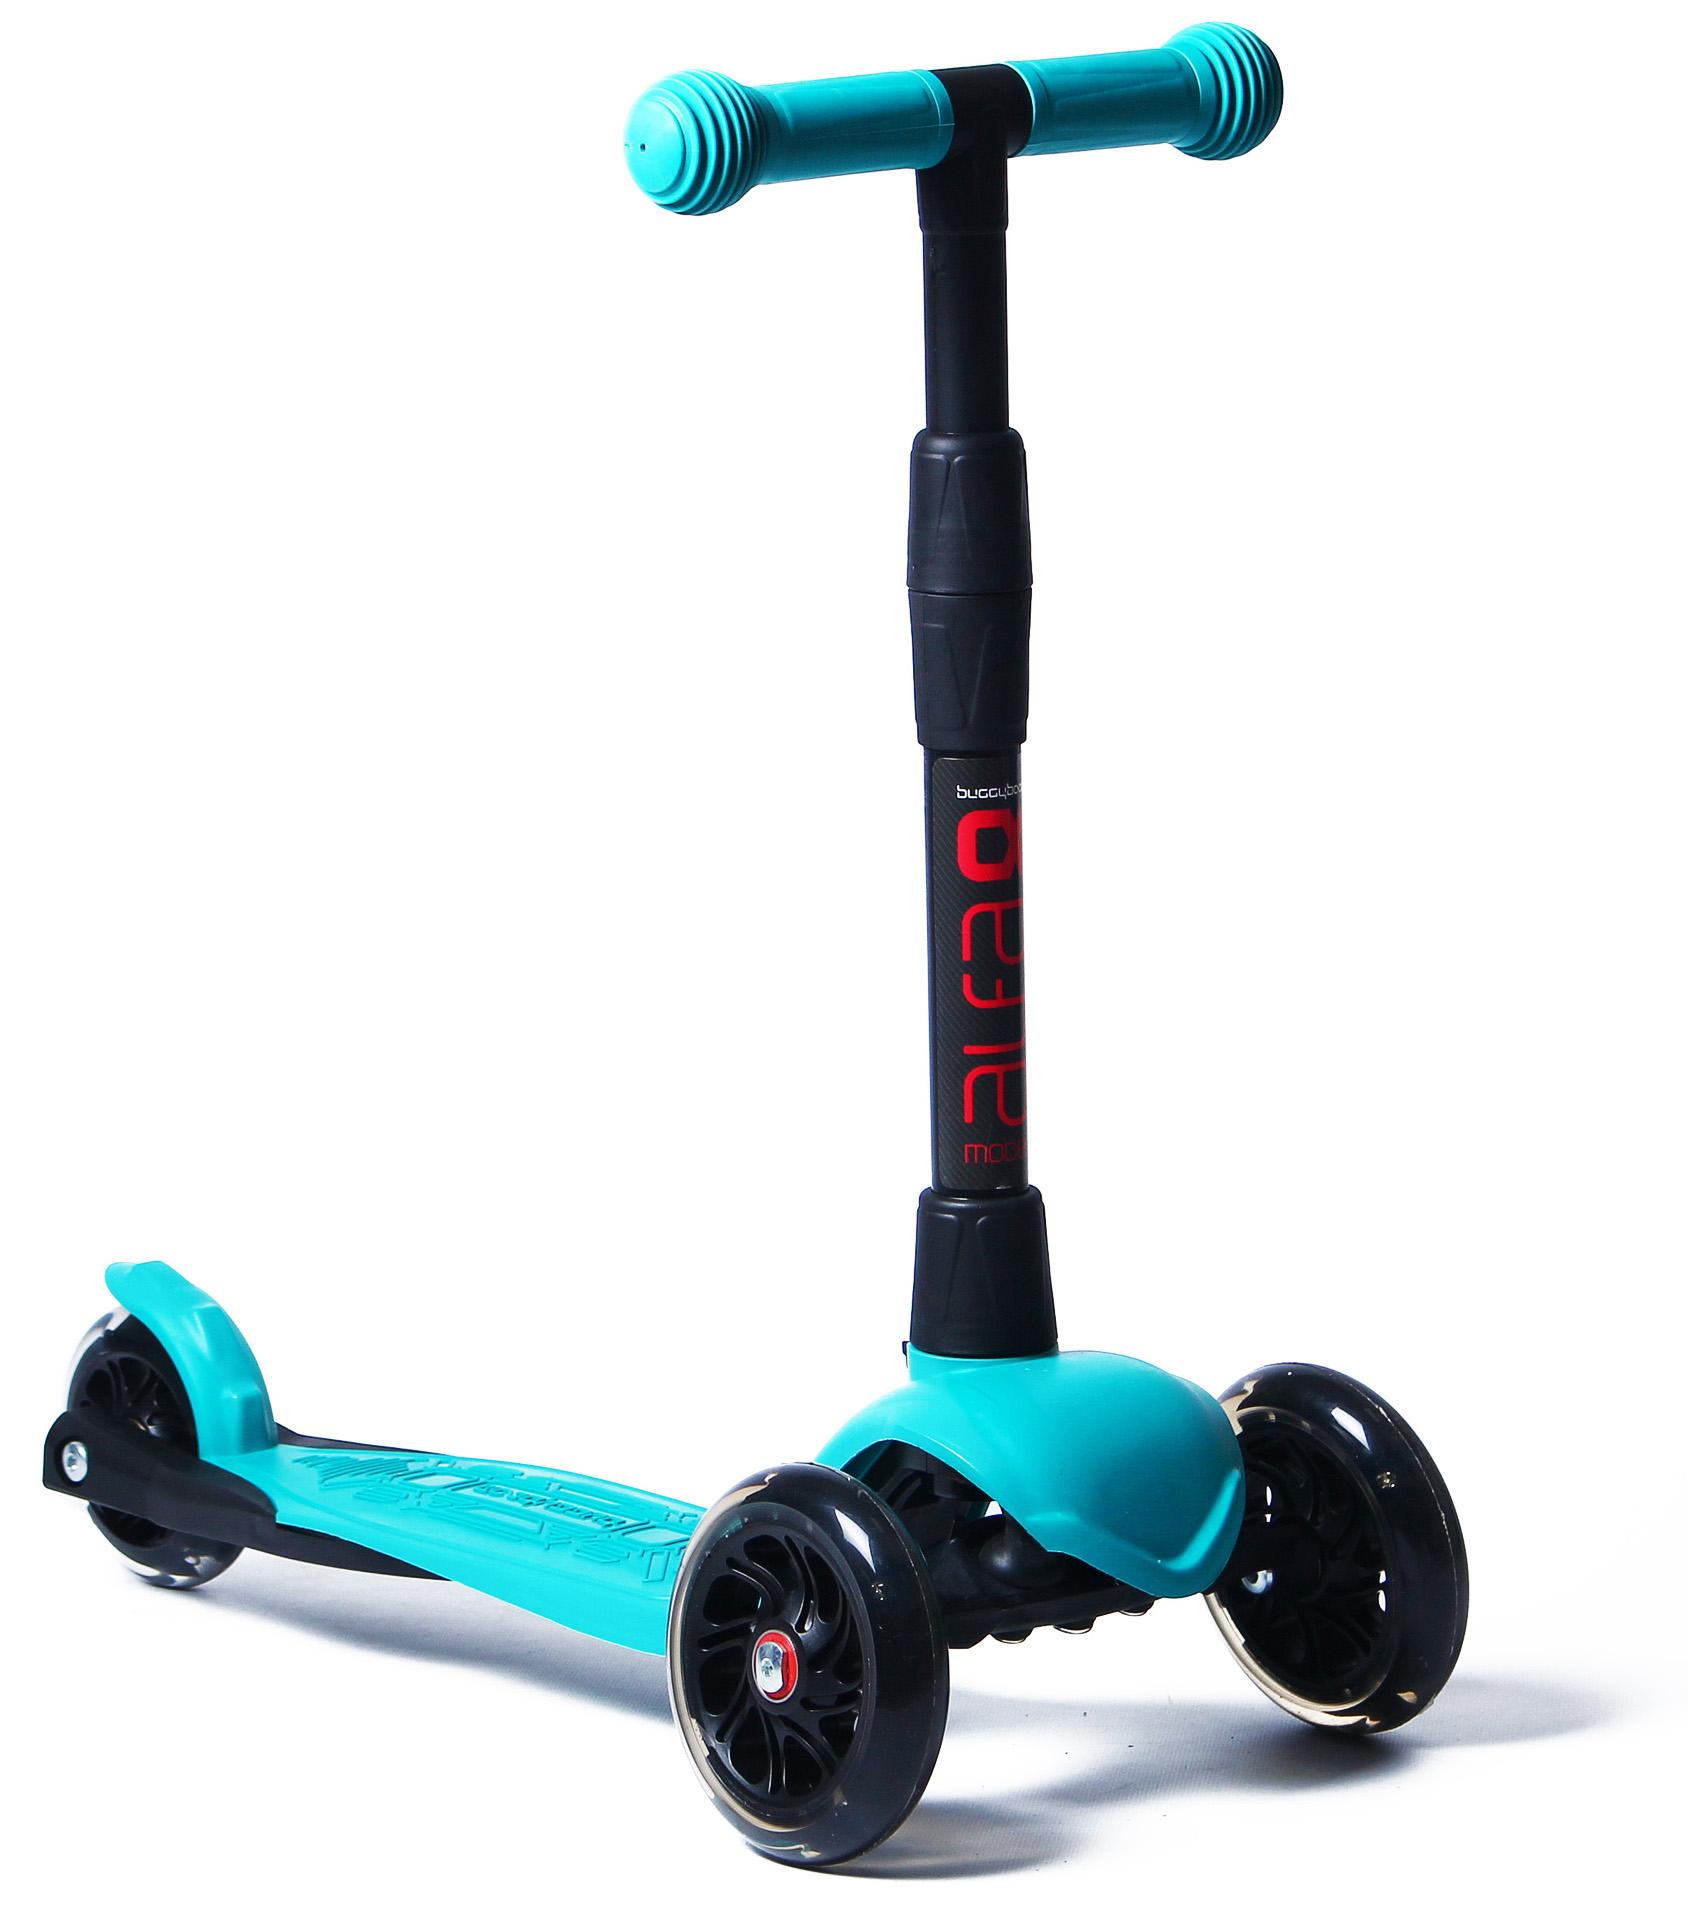 АКЦИЯ!!! Альфа  Самокат 3-х кол. детск. 003-2160 (Buggy Boom Alfa Model) (яркий голубой 60) с регулир. складн